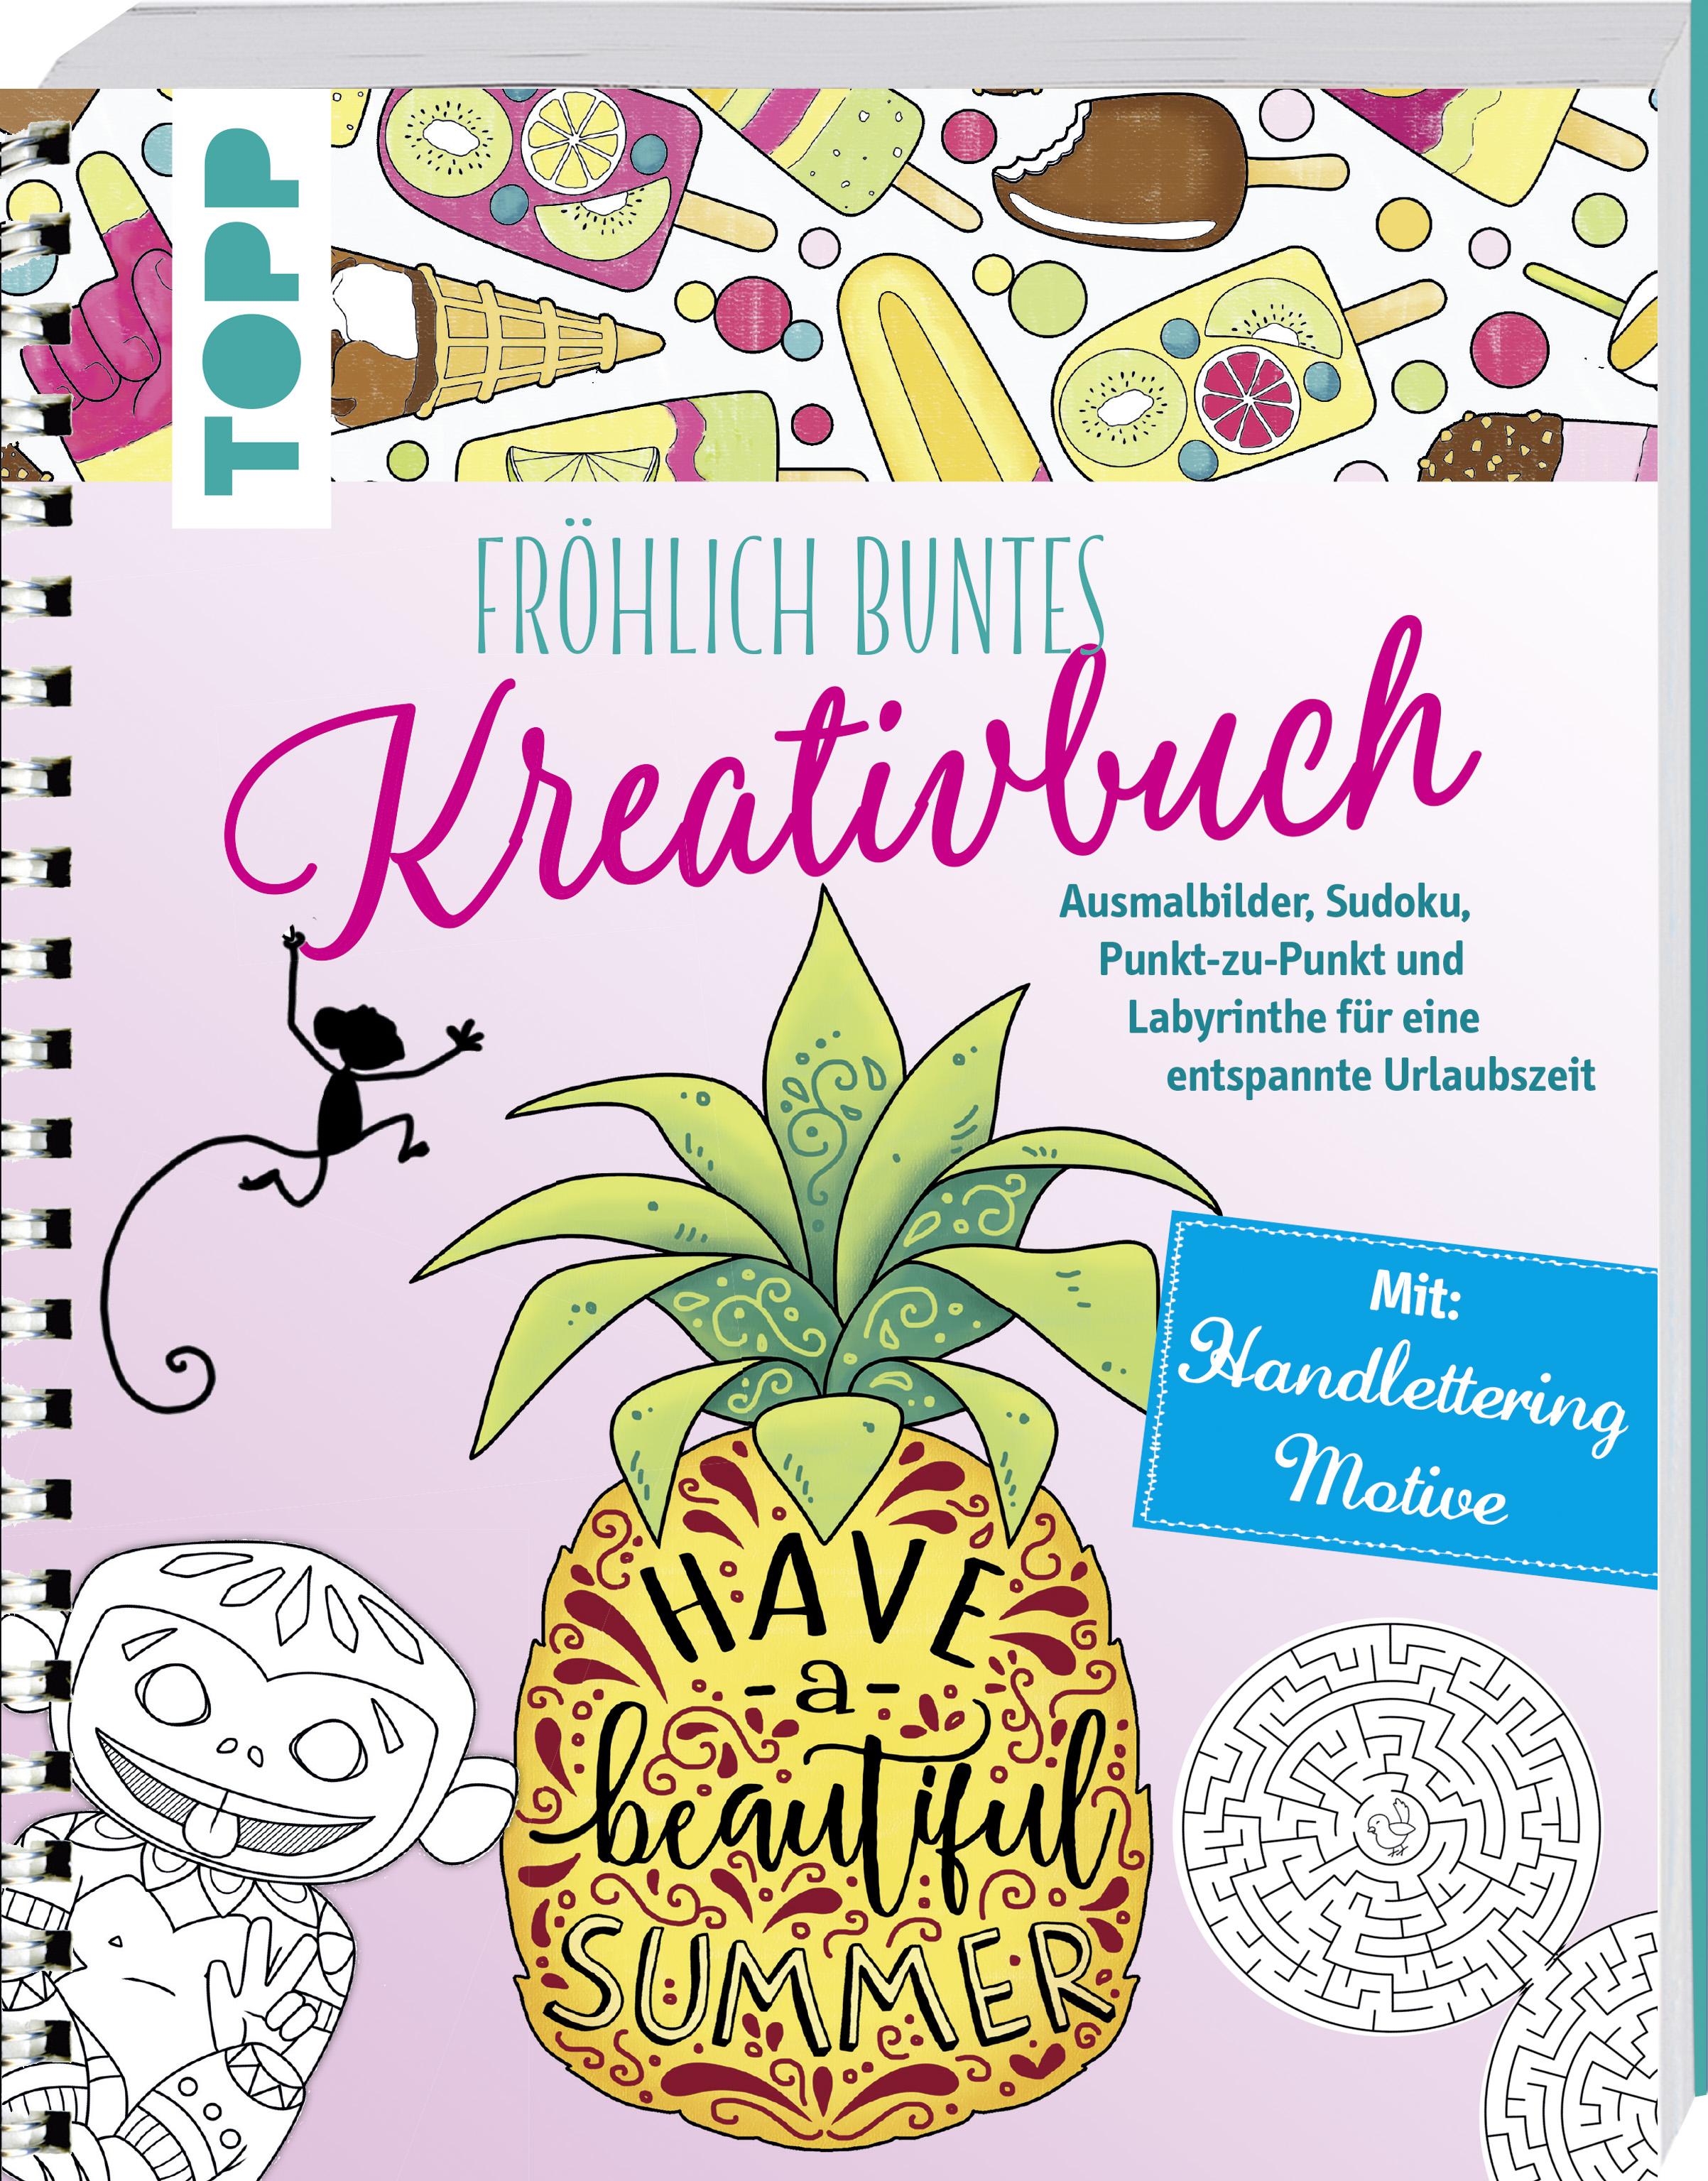 Fröhlich buntes Kreativbuch von Pitz, Natascha: Ausmalbilder, Sudoku,